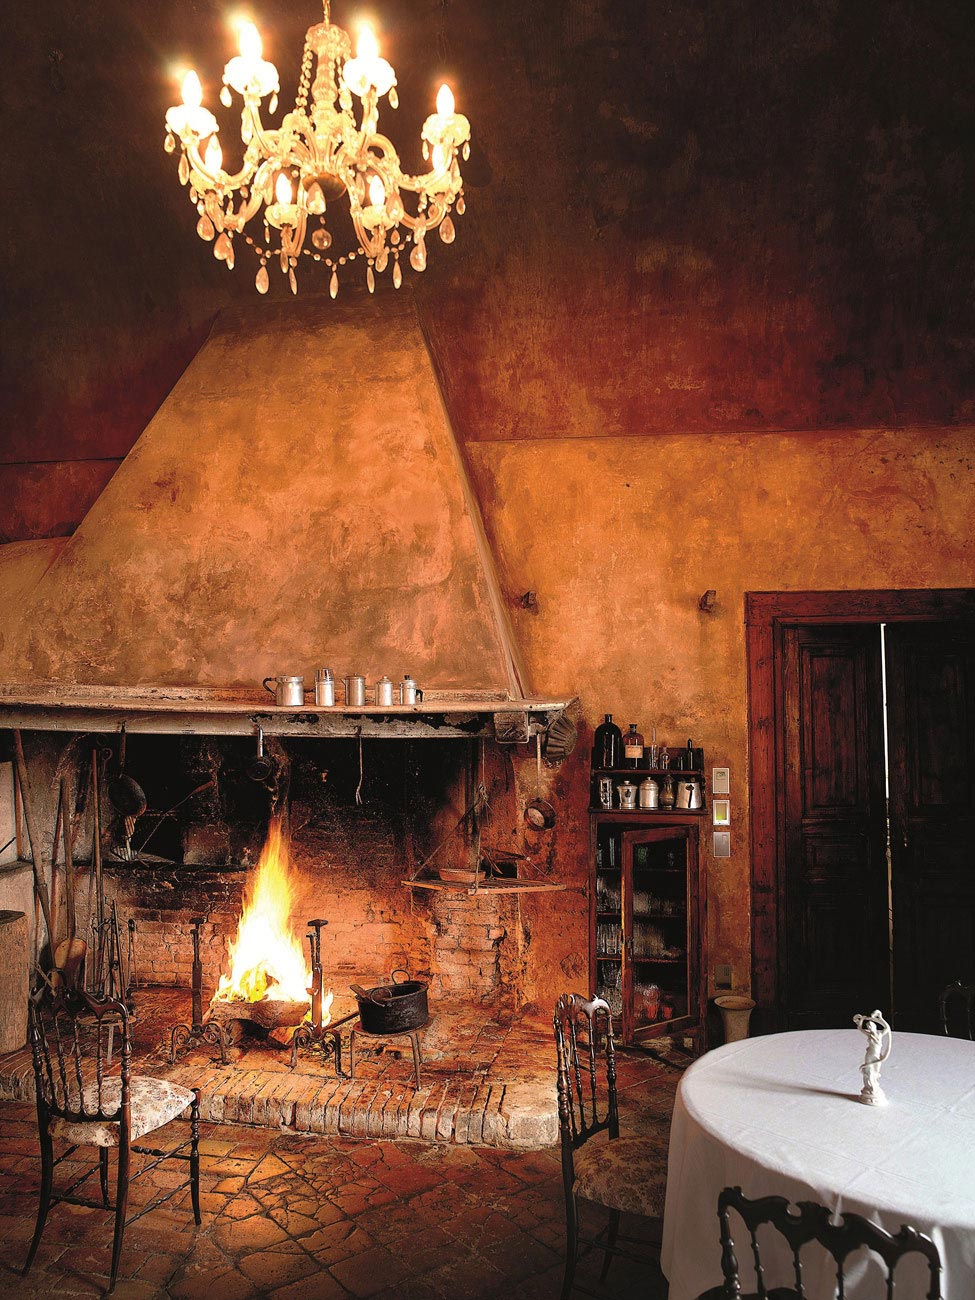 Rustic Fireplace, Castello di Semivicoli Hotel in Casacanditella, Italy